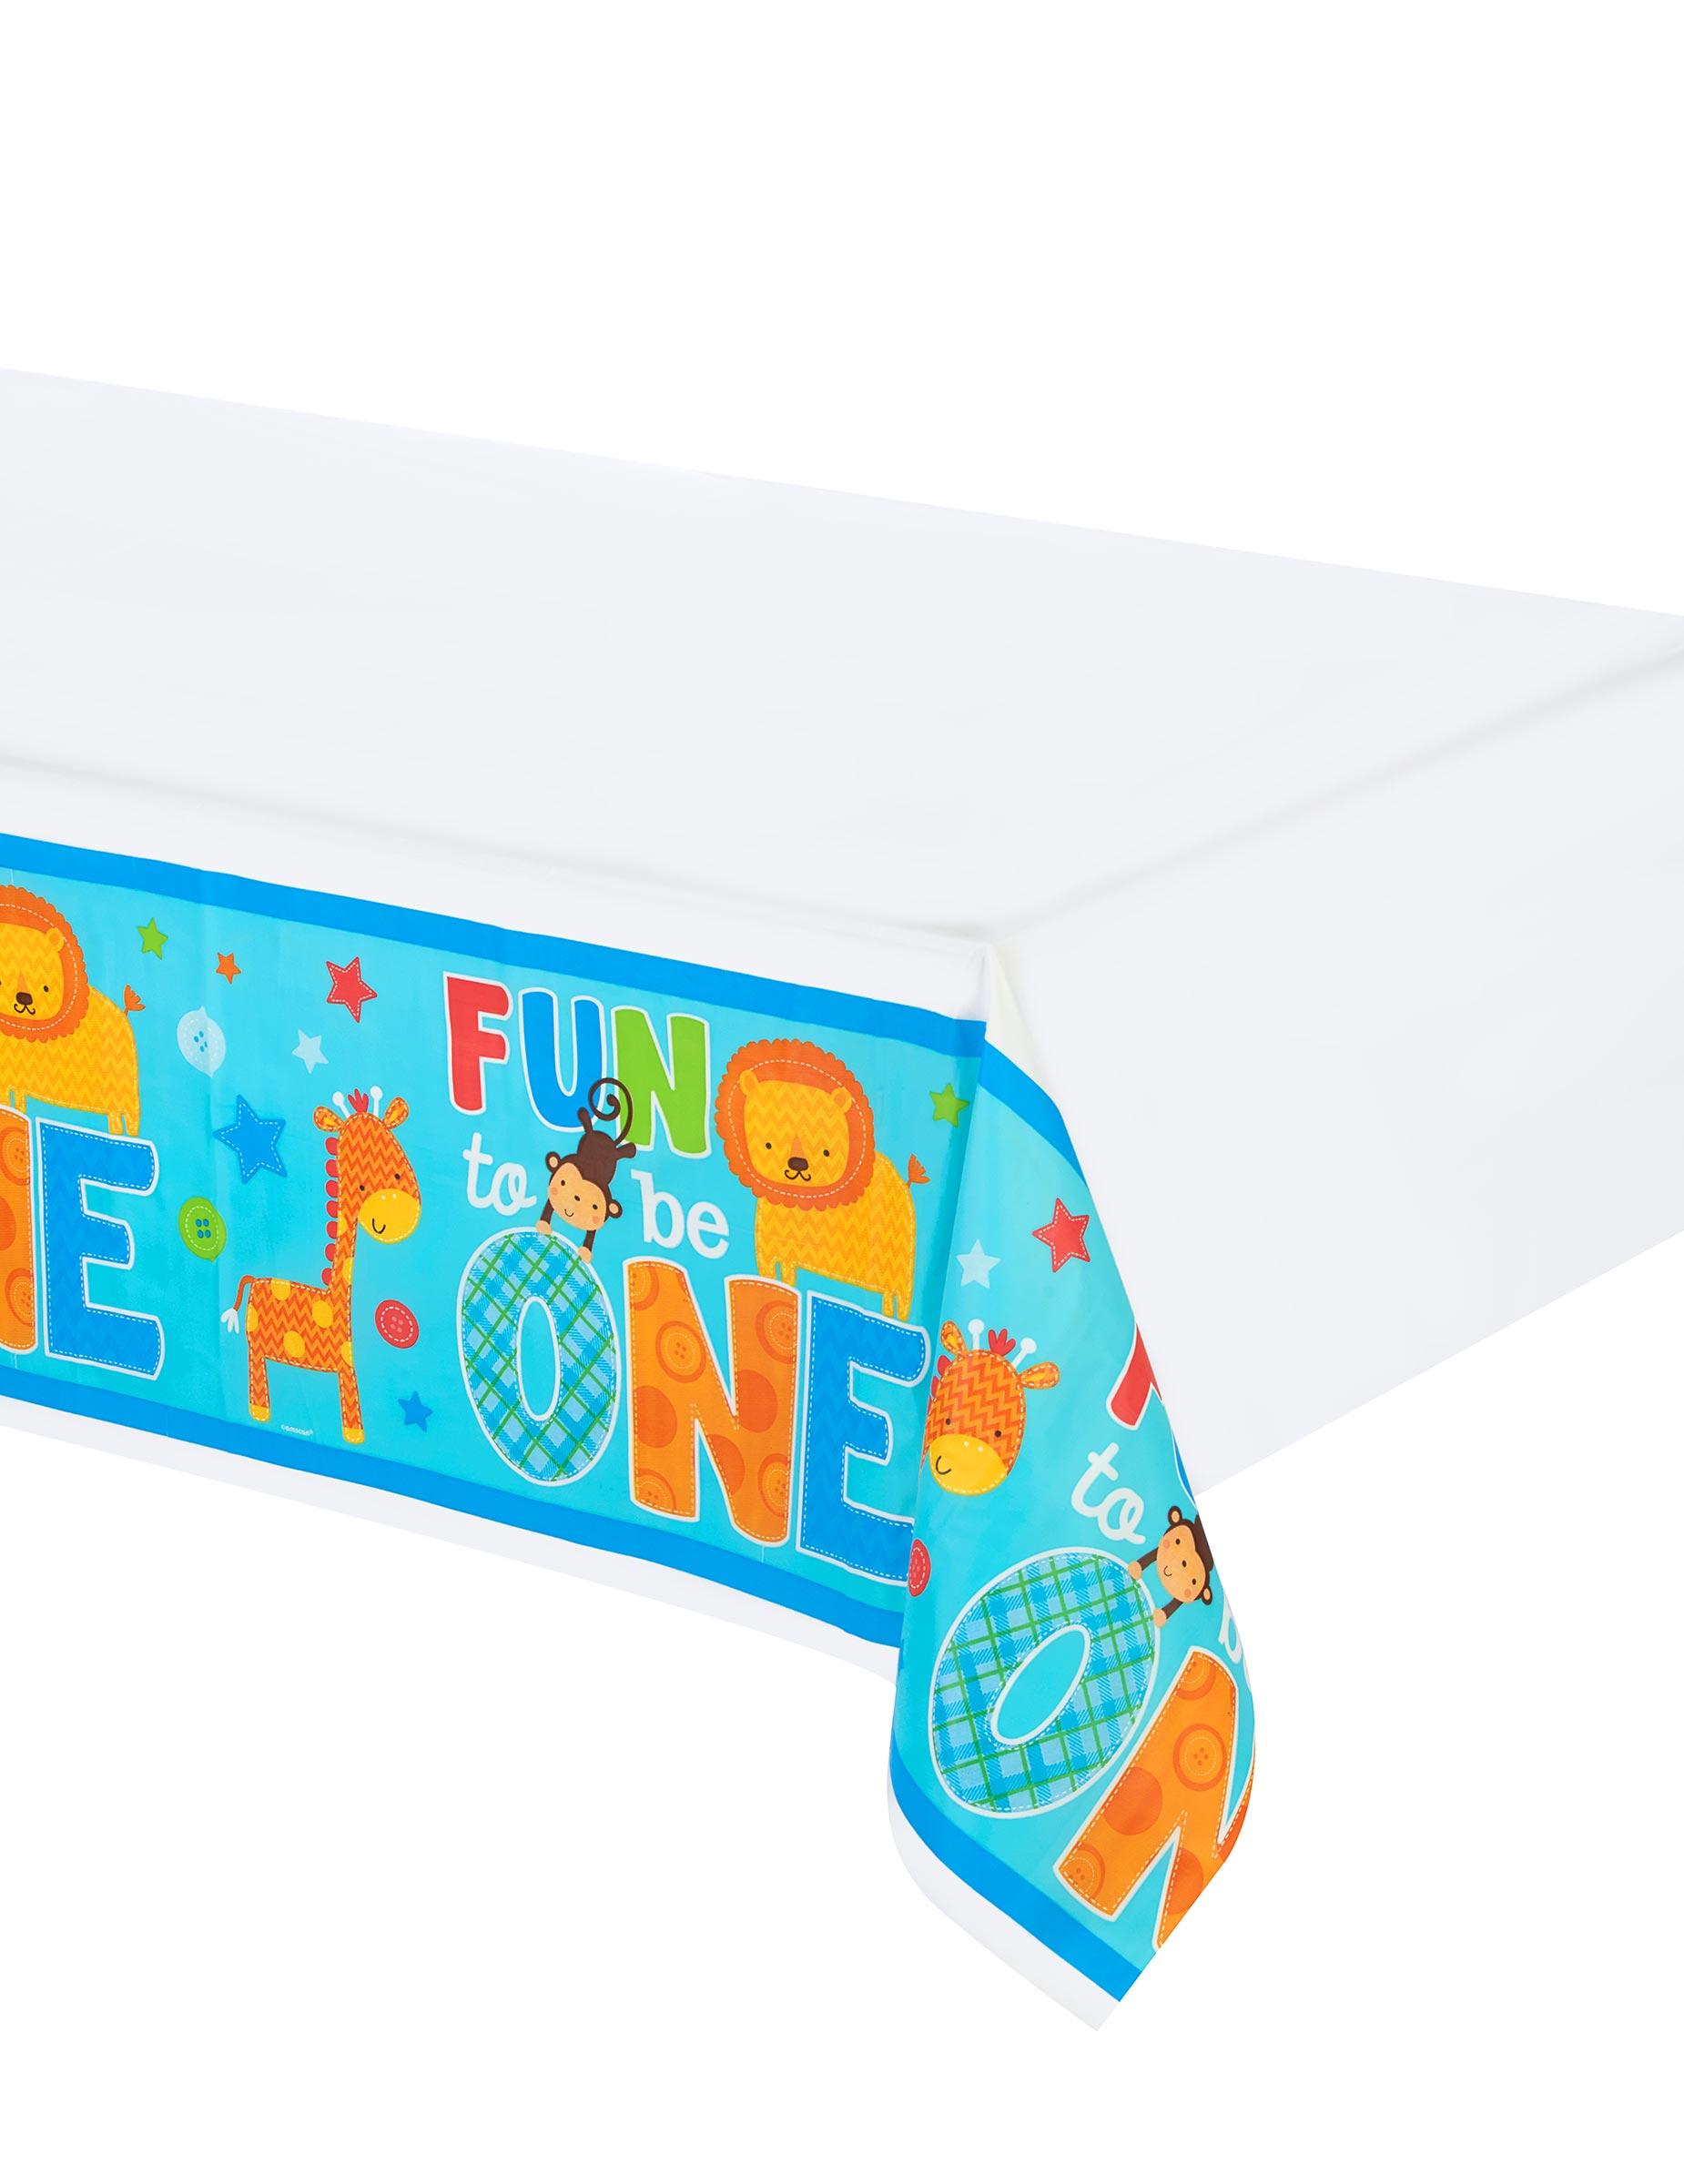 nappe en plastique 1 an gar on d coration anniversaire et f tes th me sur vegaoo party. Black Bedroom Furniture Sets. Home Design Ideas